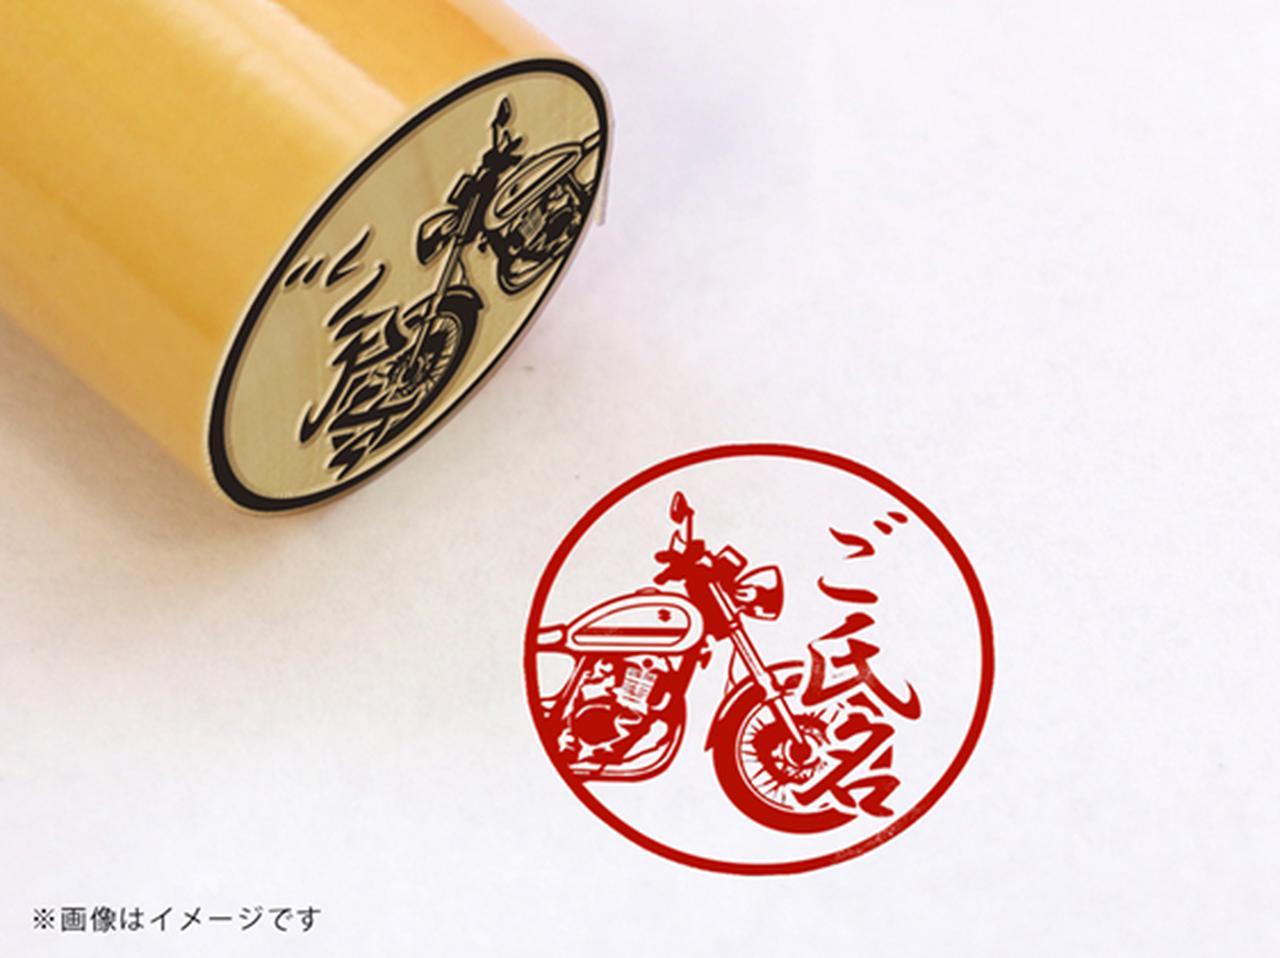 Images : 【SUZUKI】ST250・柘植丸印18mm